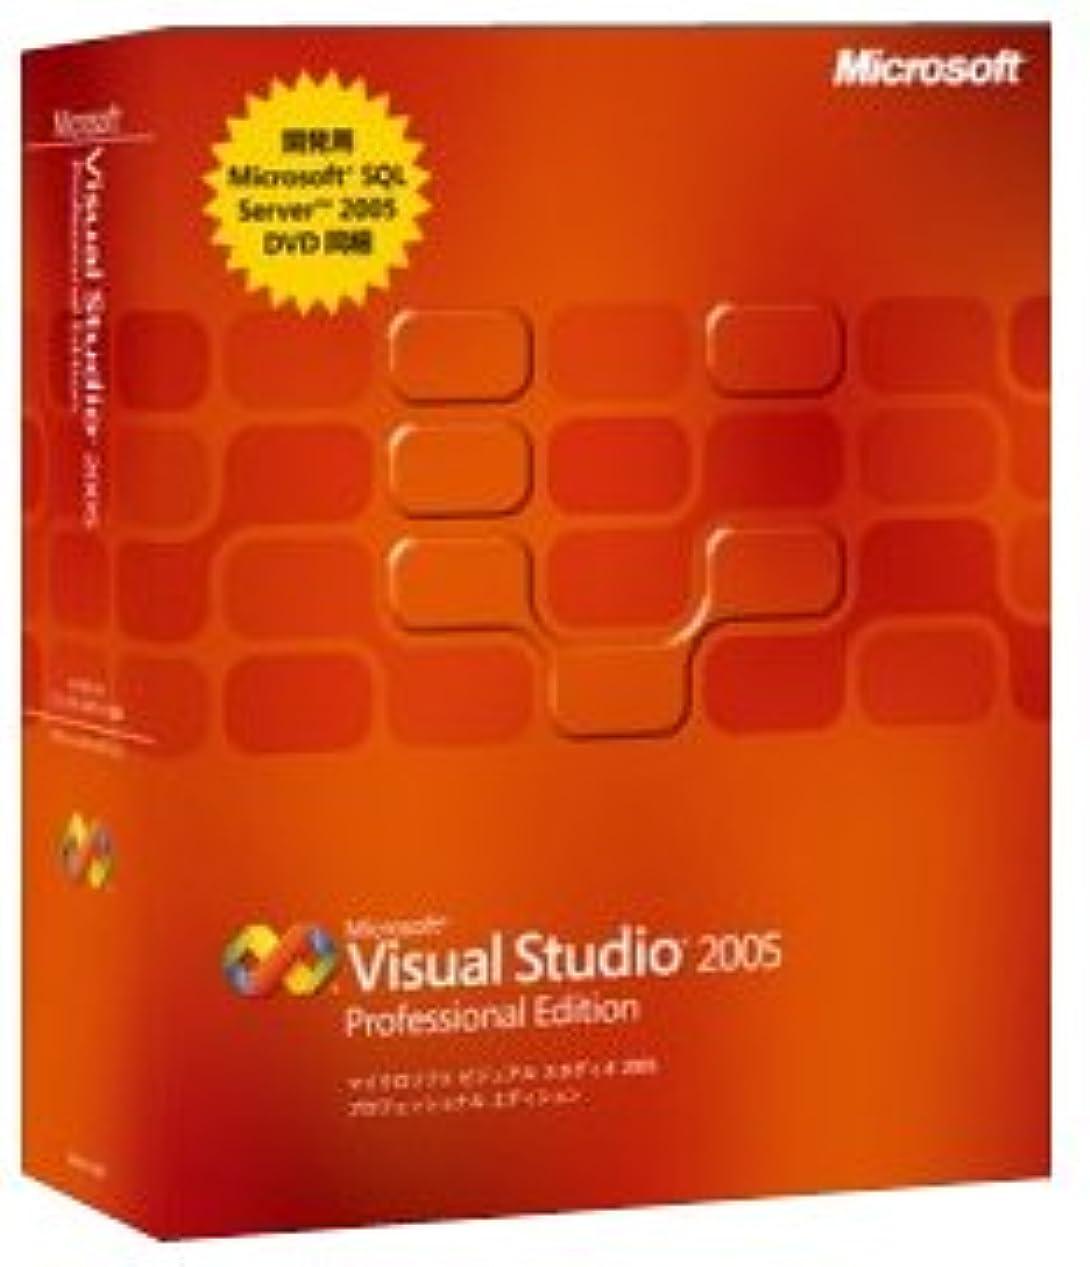 ためらう病的住所Visual Studio 2005 Standard Edition